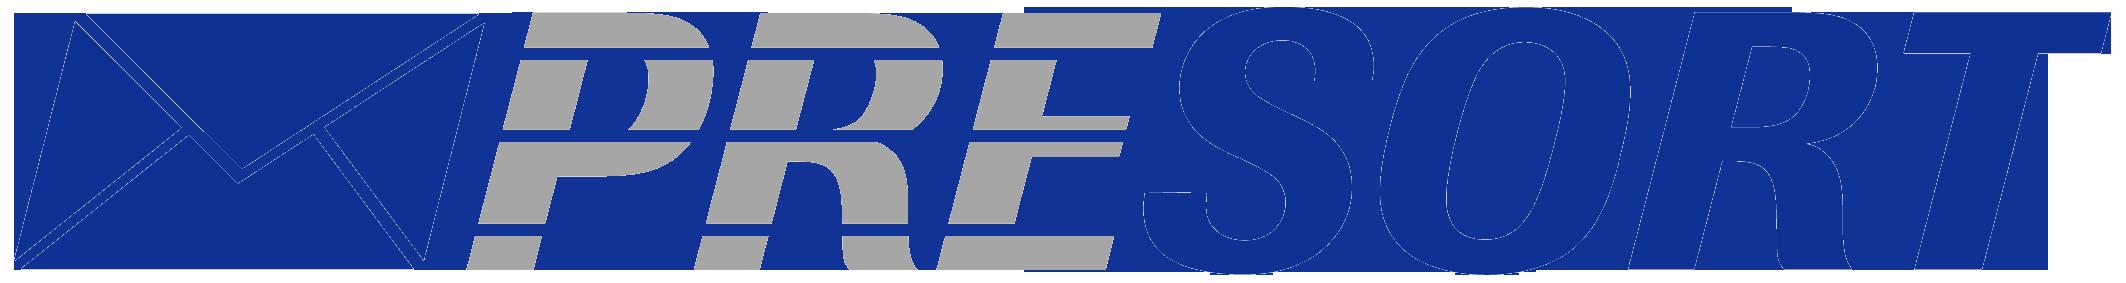 PRESORT eG